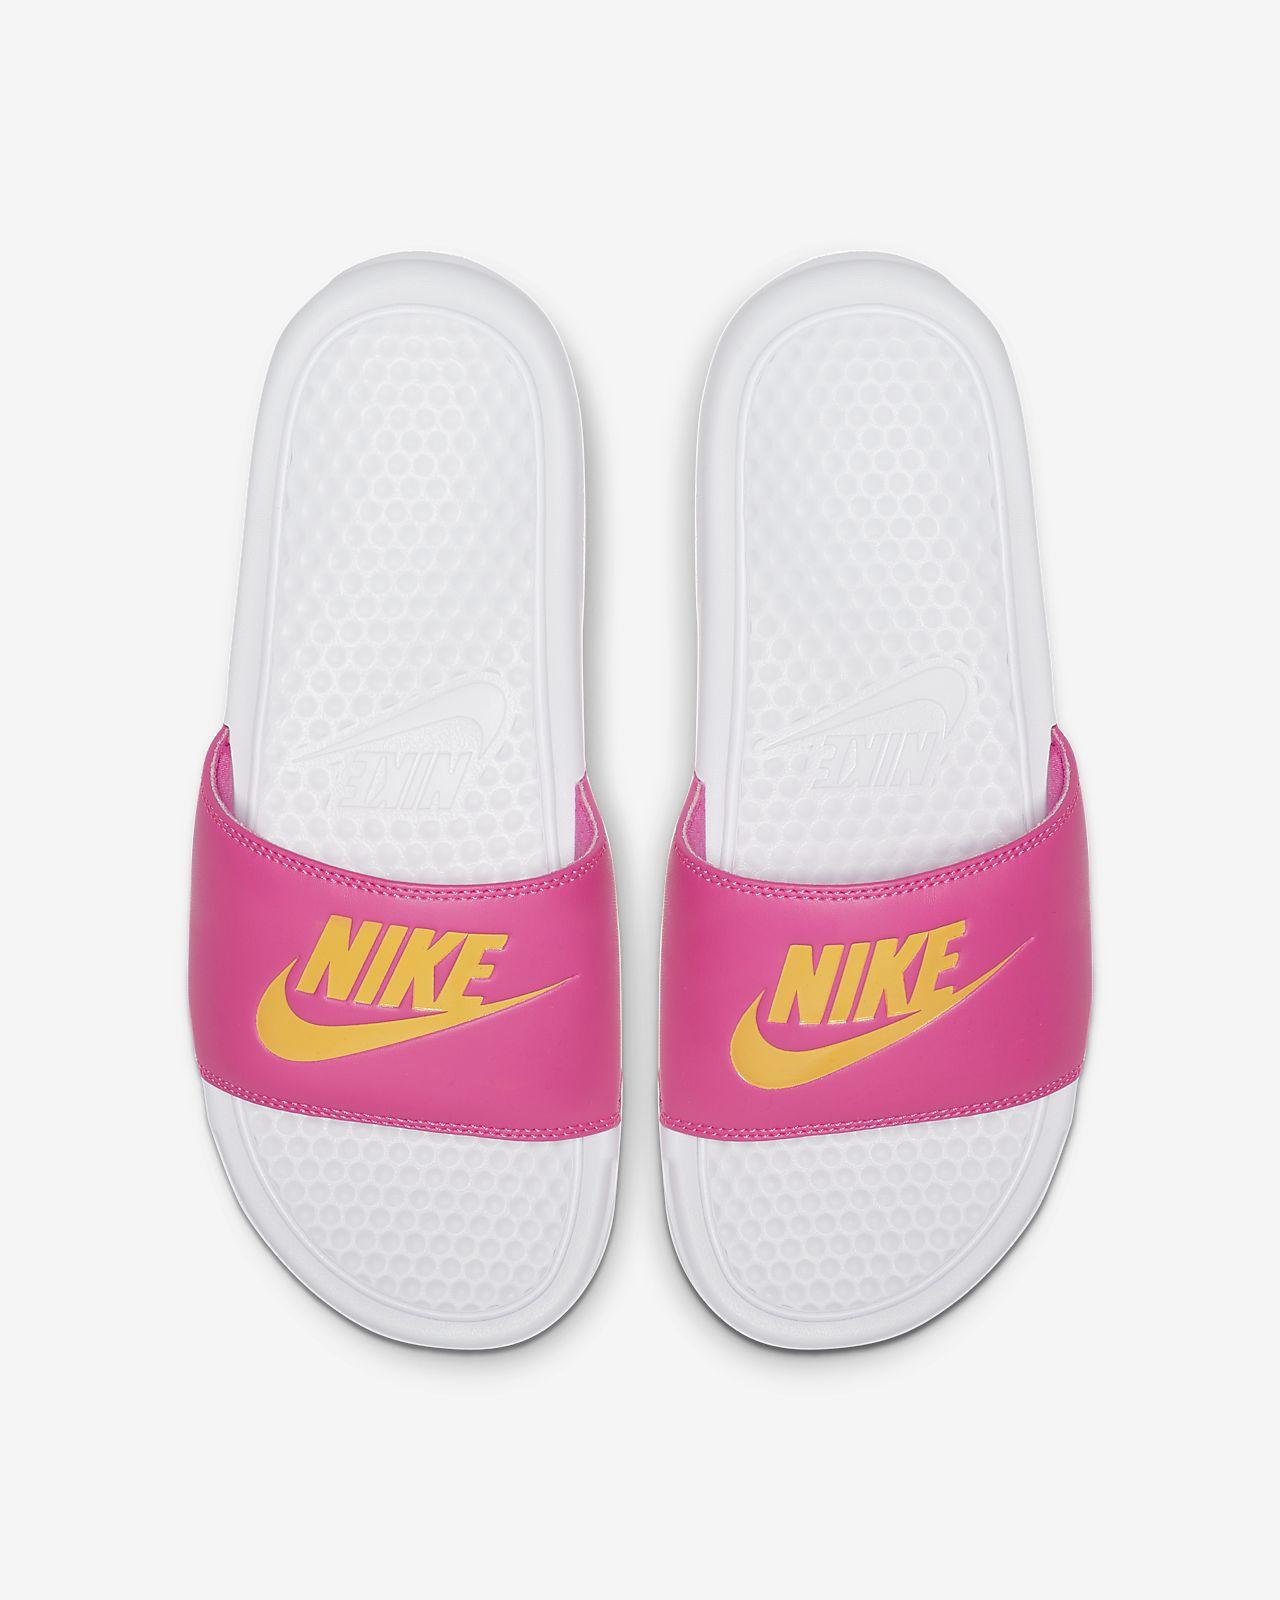 Nike Benassi Women's Slide